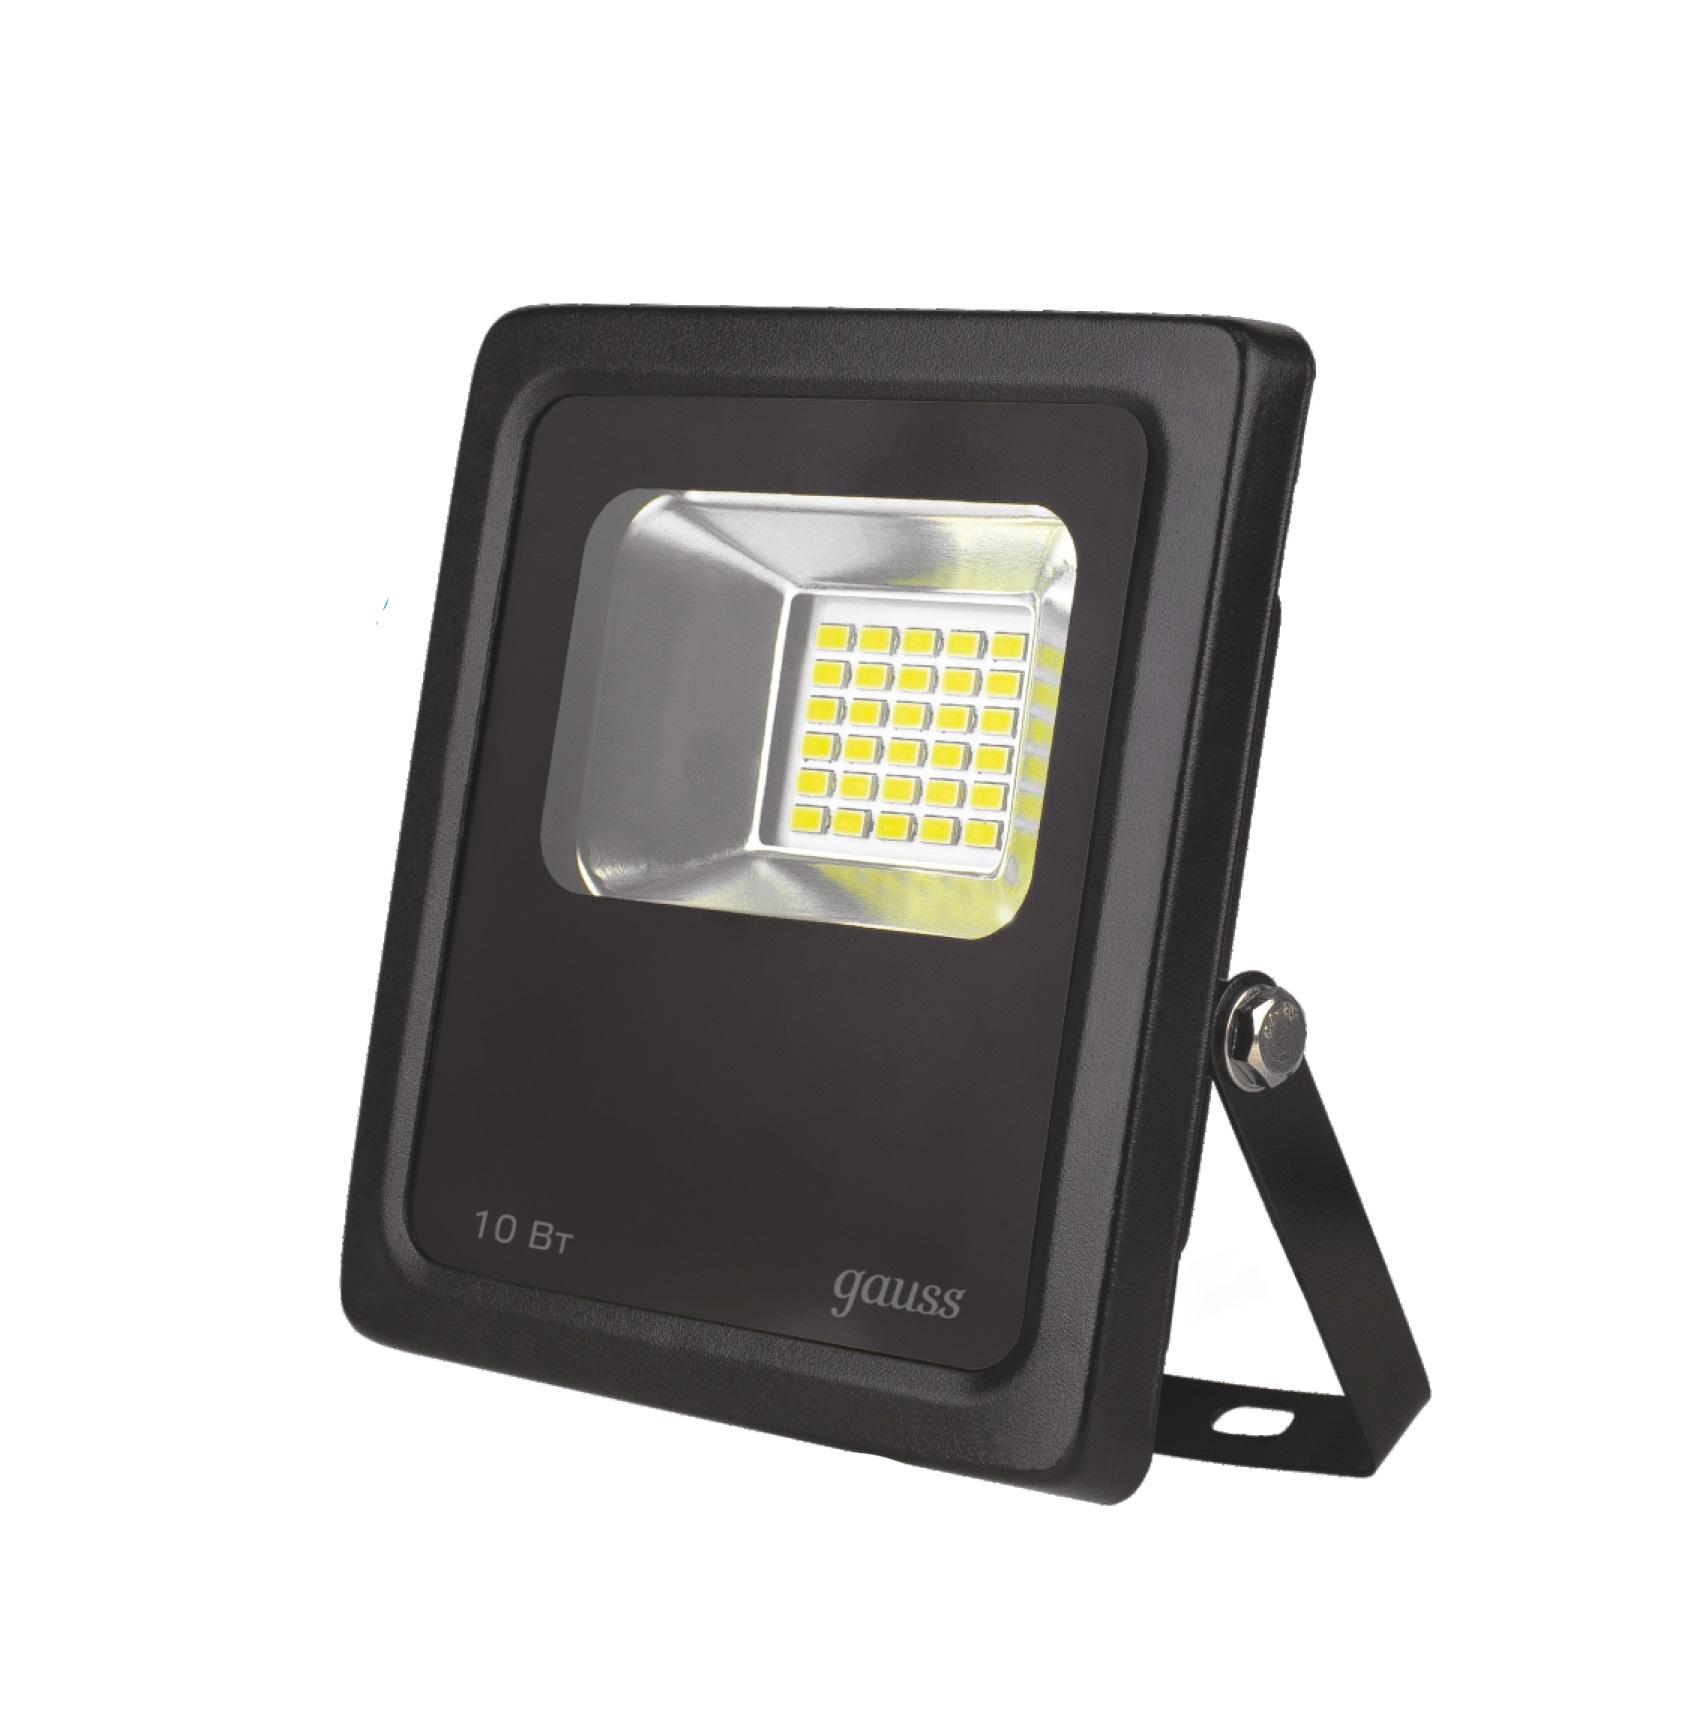 Прожектор GaussПрожекторы<br>Мощность: 10,<br>Ширина: 118,<br>Длина (мм): 40,<br>Высота: 141,<br>Тип лампы: светодиодная,<br>Патрон: LED,<br>Цвет арматуры: черный,<br>Степень защиты от пыли и влаги: IP 65,<br>Тип: стационарный,<br>Назначение прожектора: уличный,<br>Цветовая температура: 6500<br>